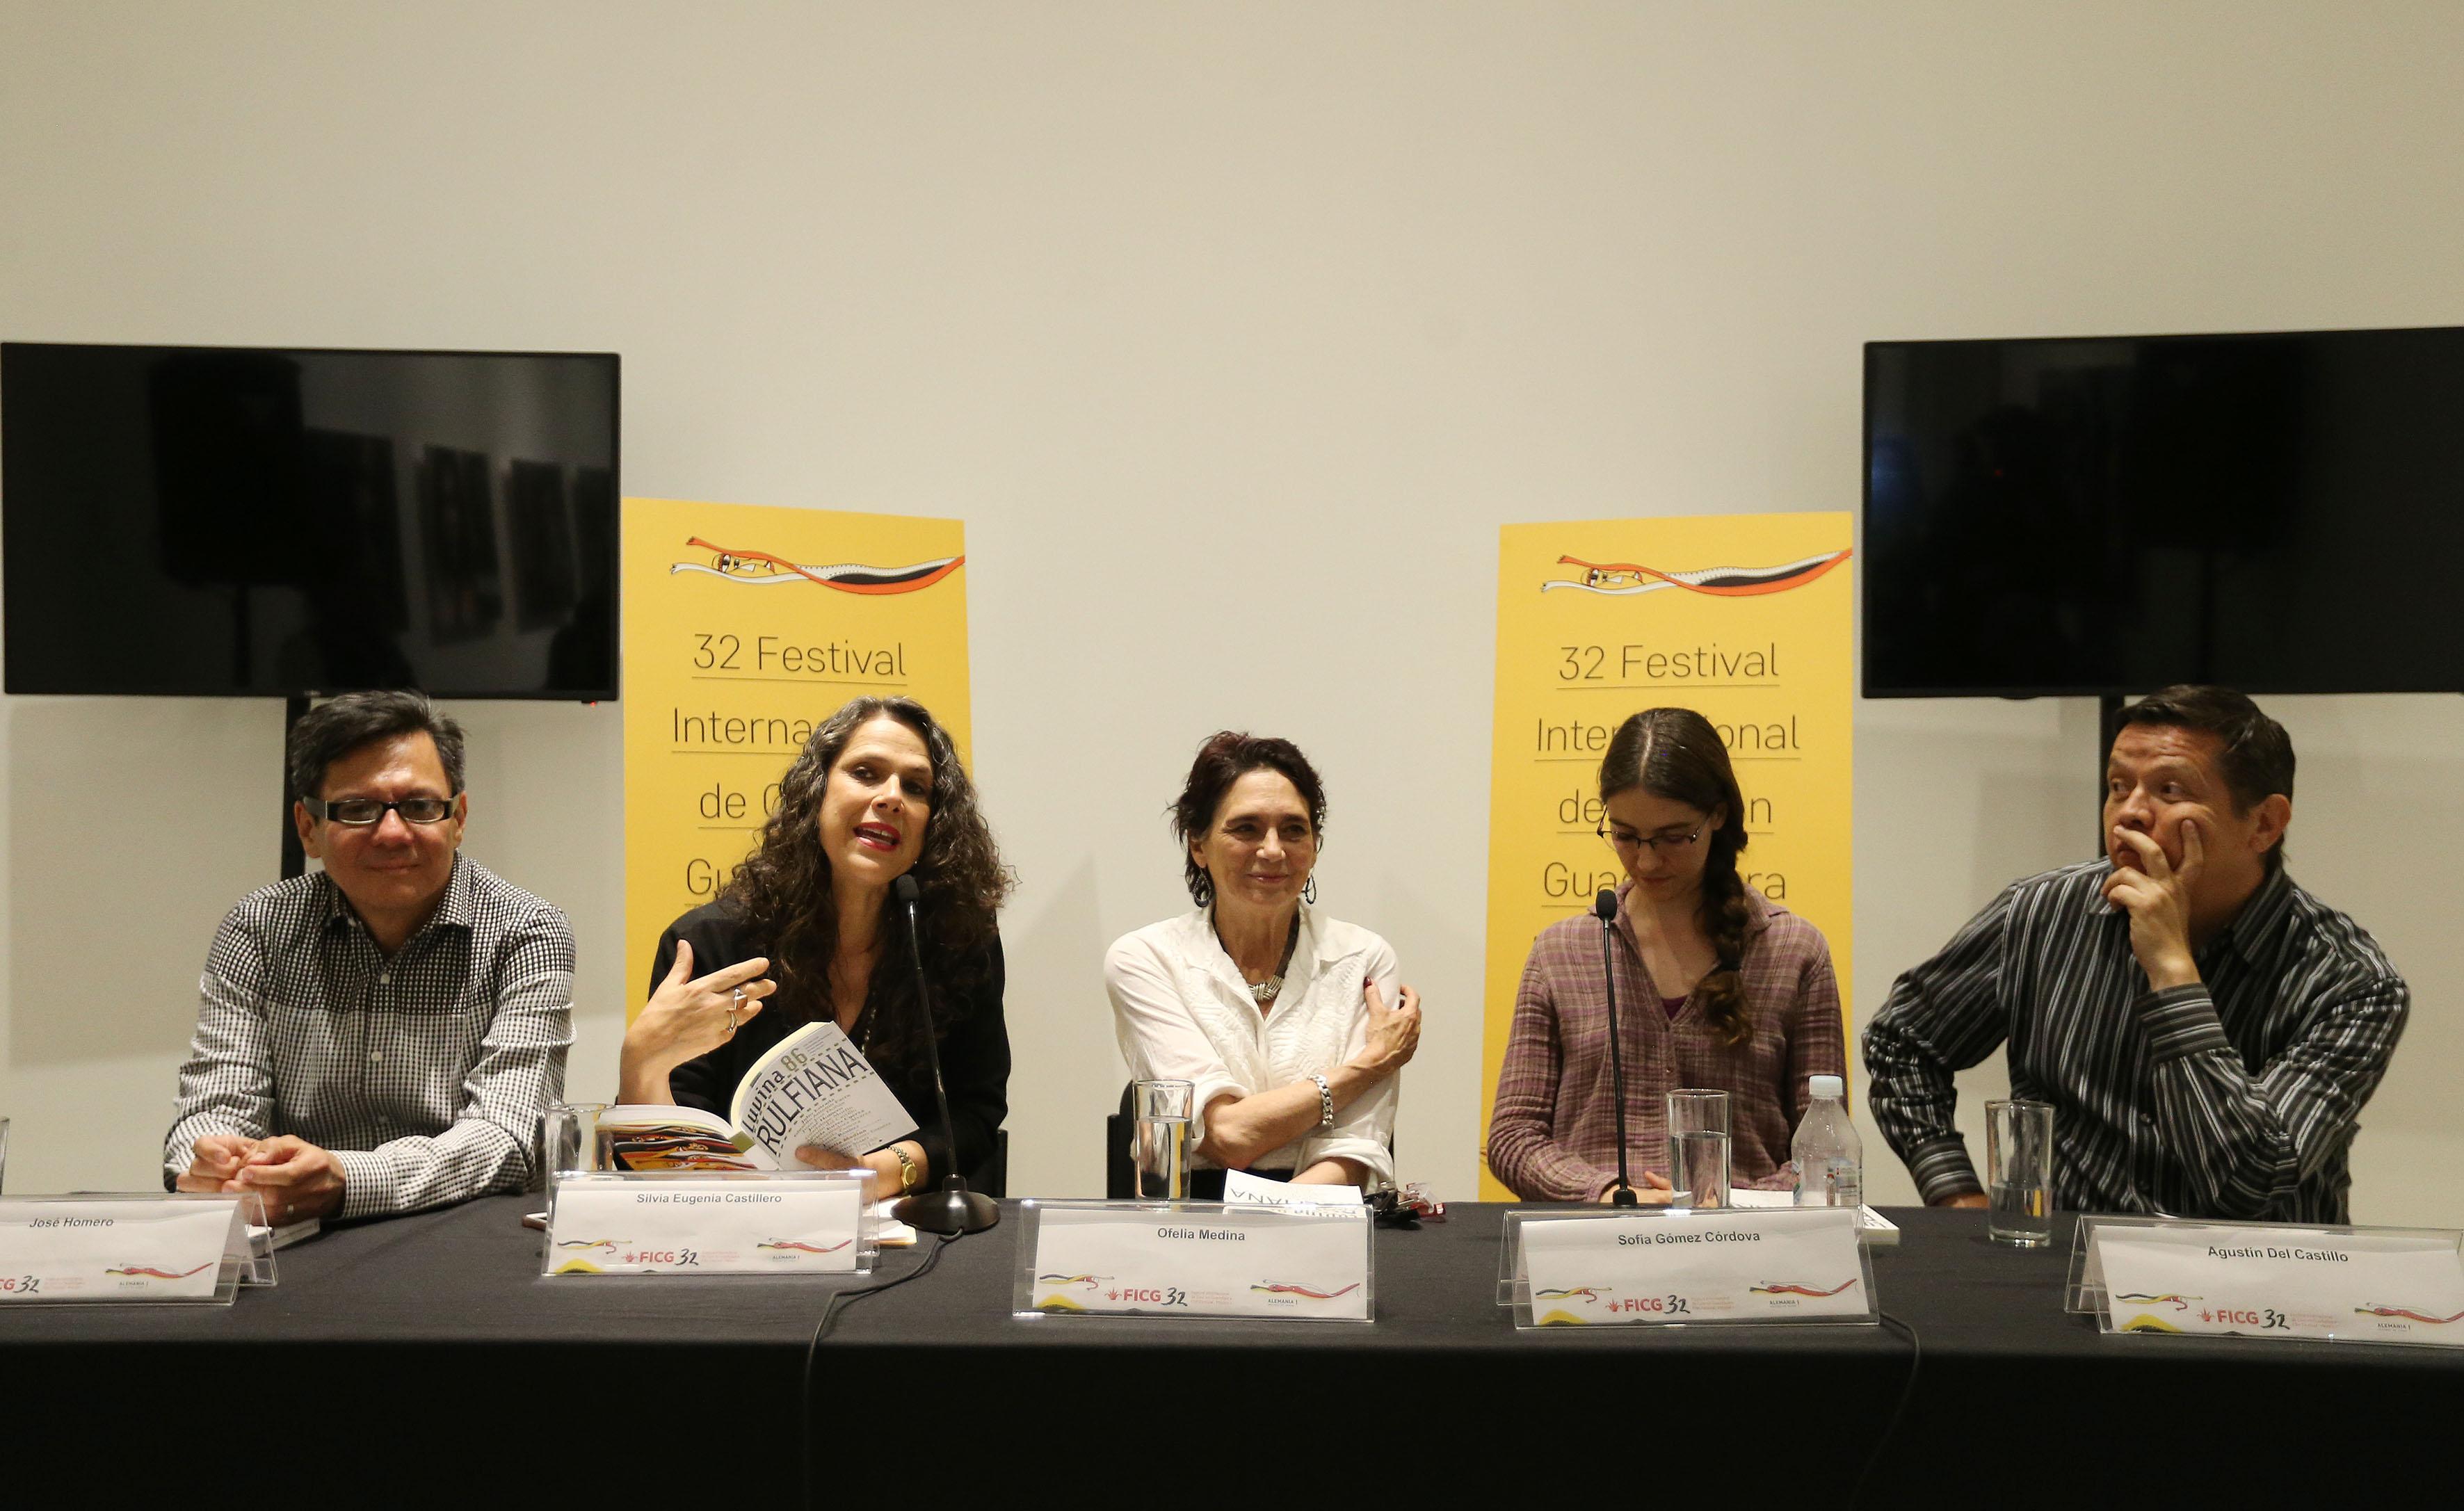 Silvia Eugenia Castillero, directora de la publicación haciendo uso de la voz en la presentación numero 86 de la revista literaria de la Universidad de Guadalajara (UdeG), en el marco del 32 Festival Internacional de Cine en Guadalajara (FICG)